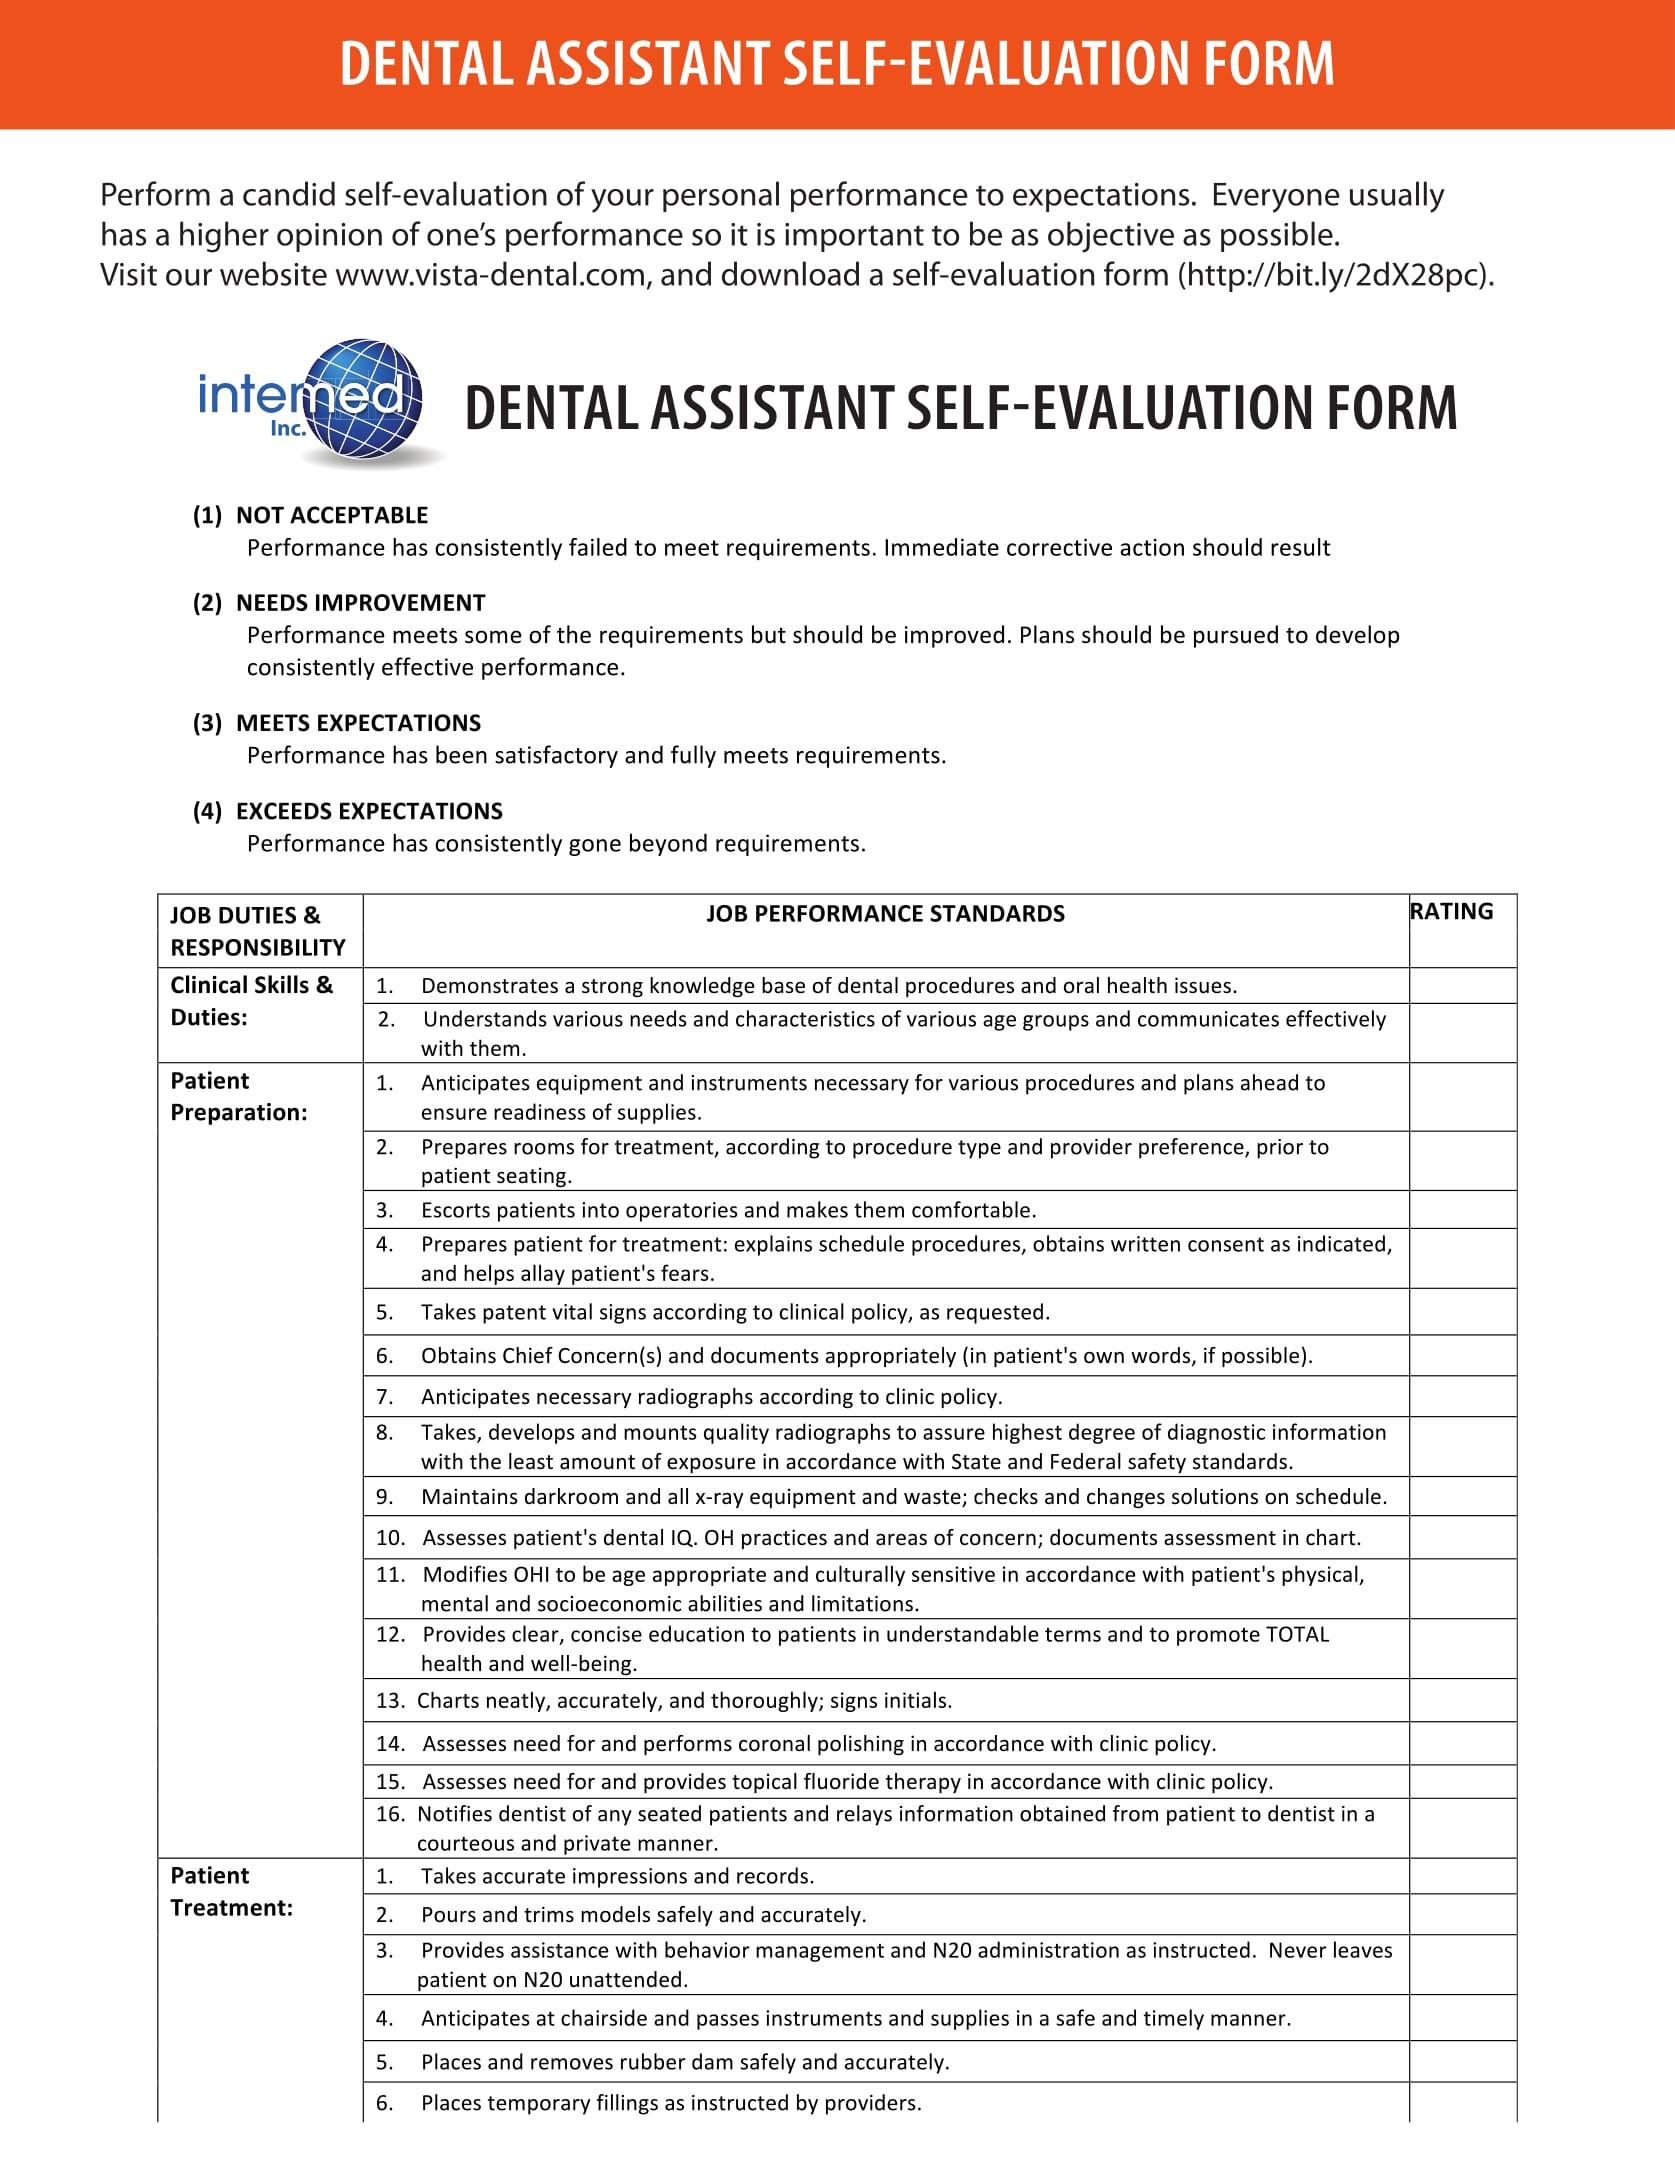 dental assistant self evaluation form 1